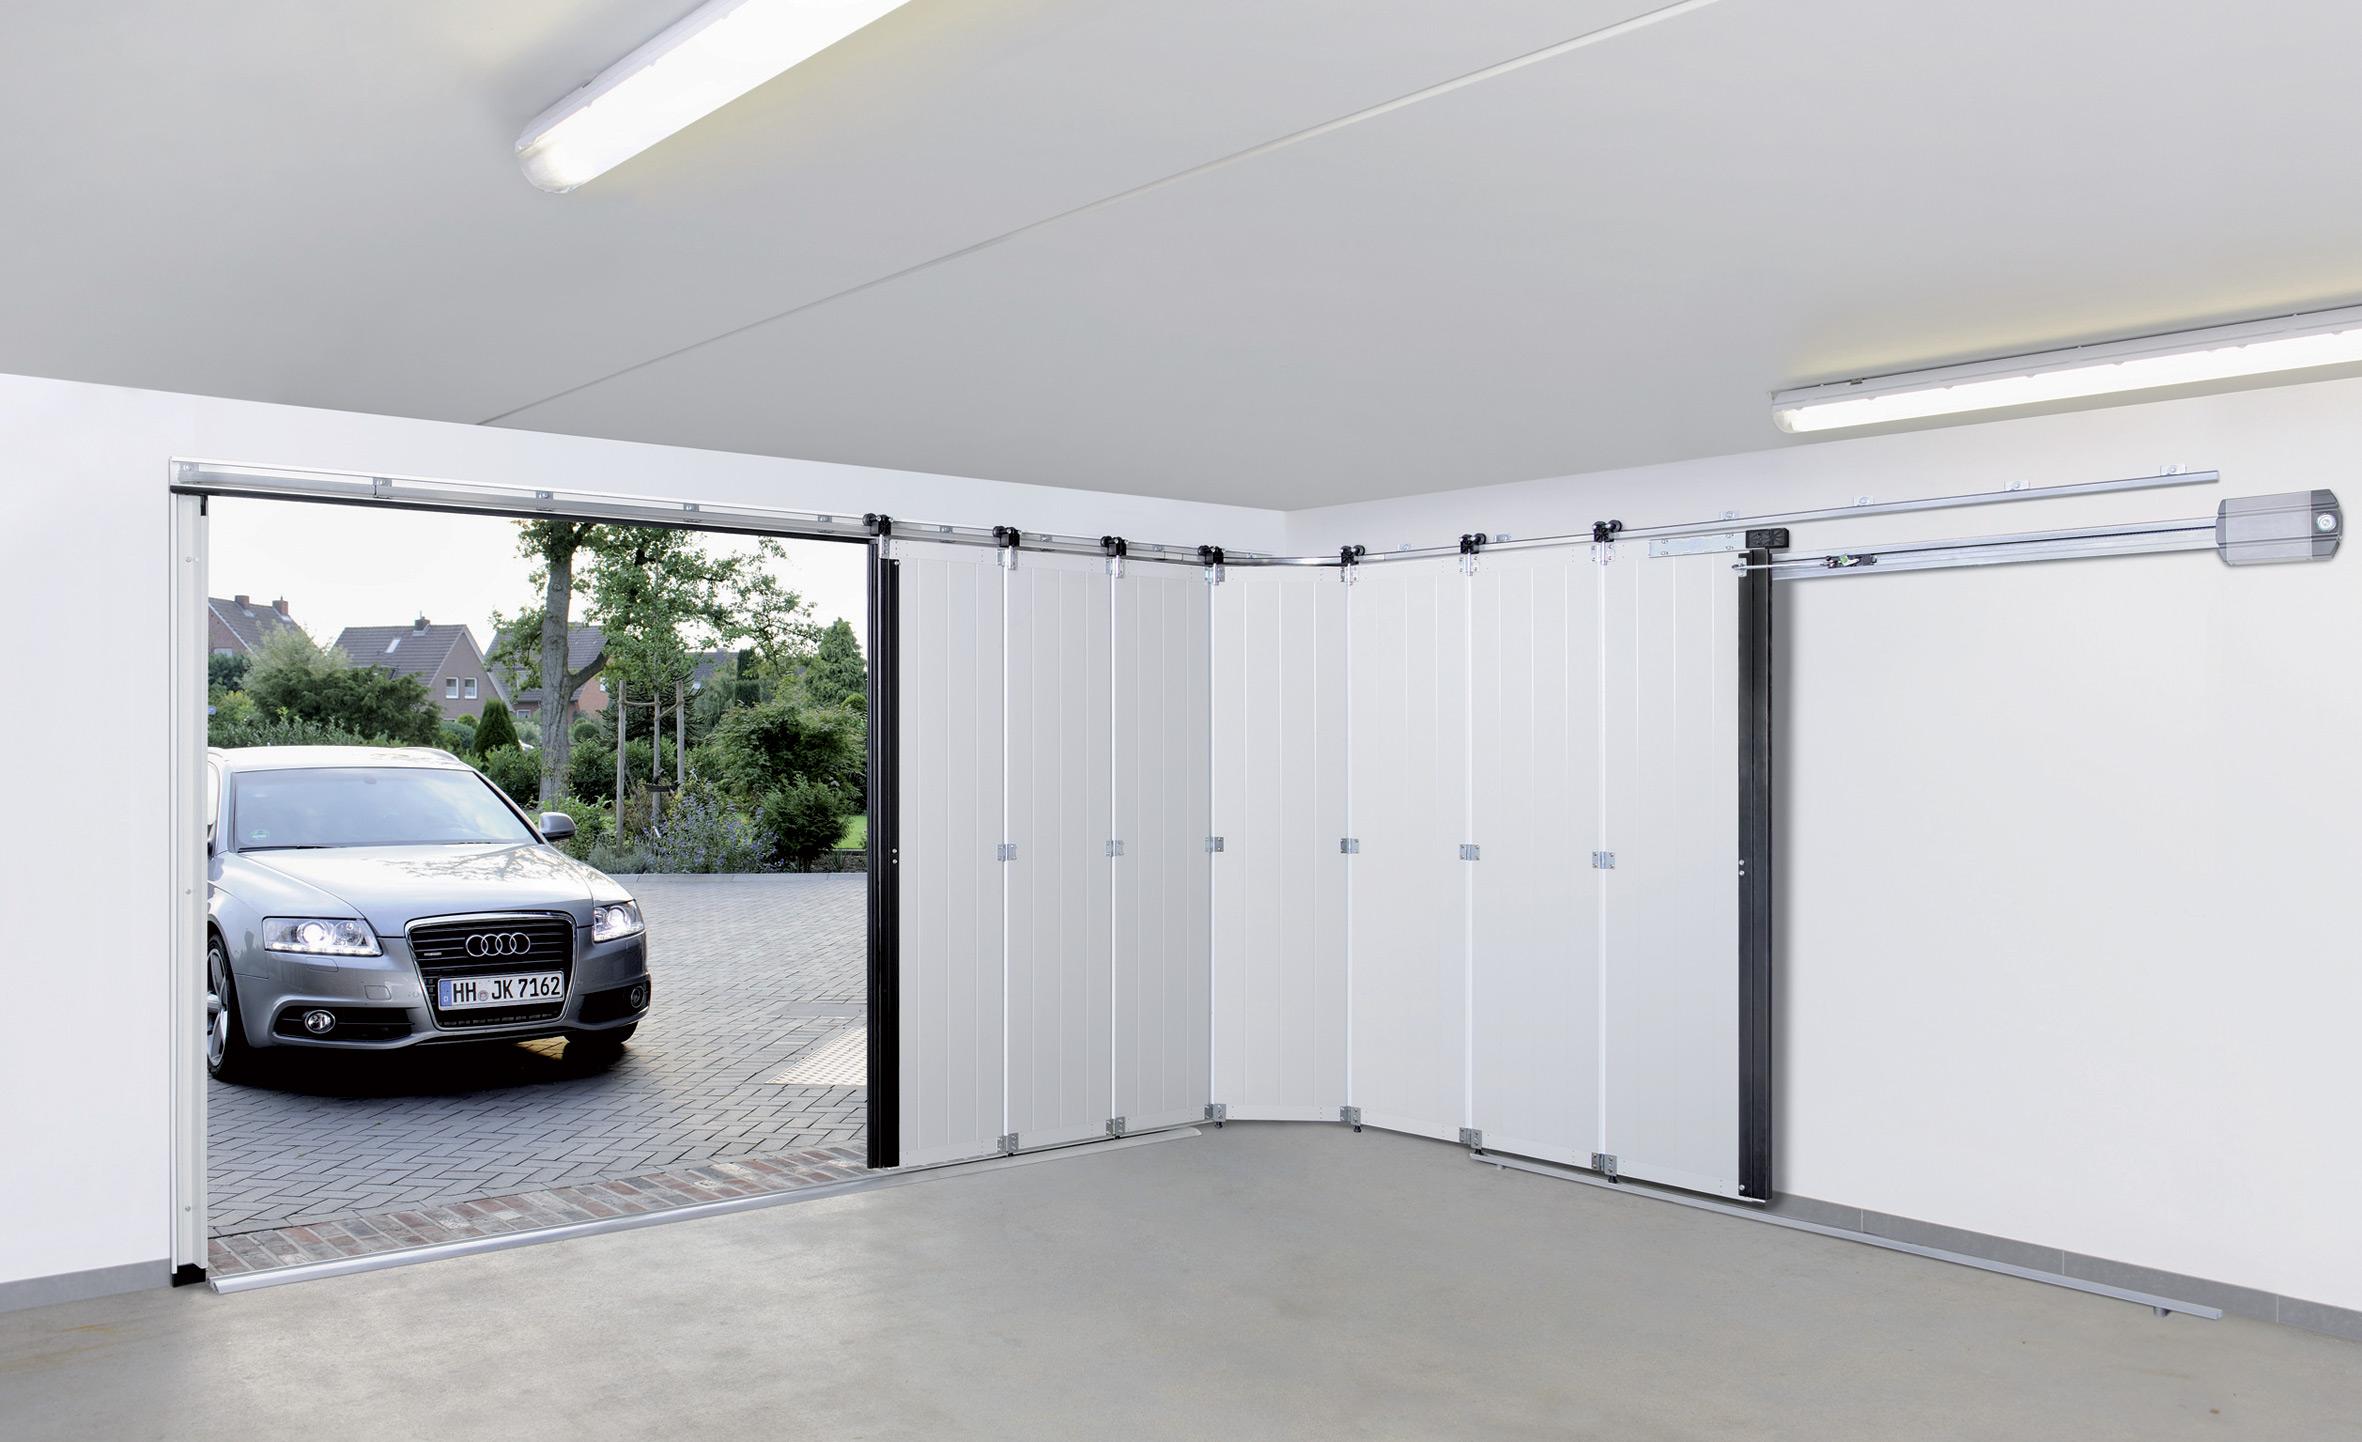 Prix de la r paration d un ressort de porte de garage for Reparation porte garage